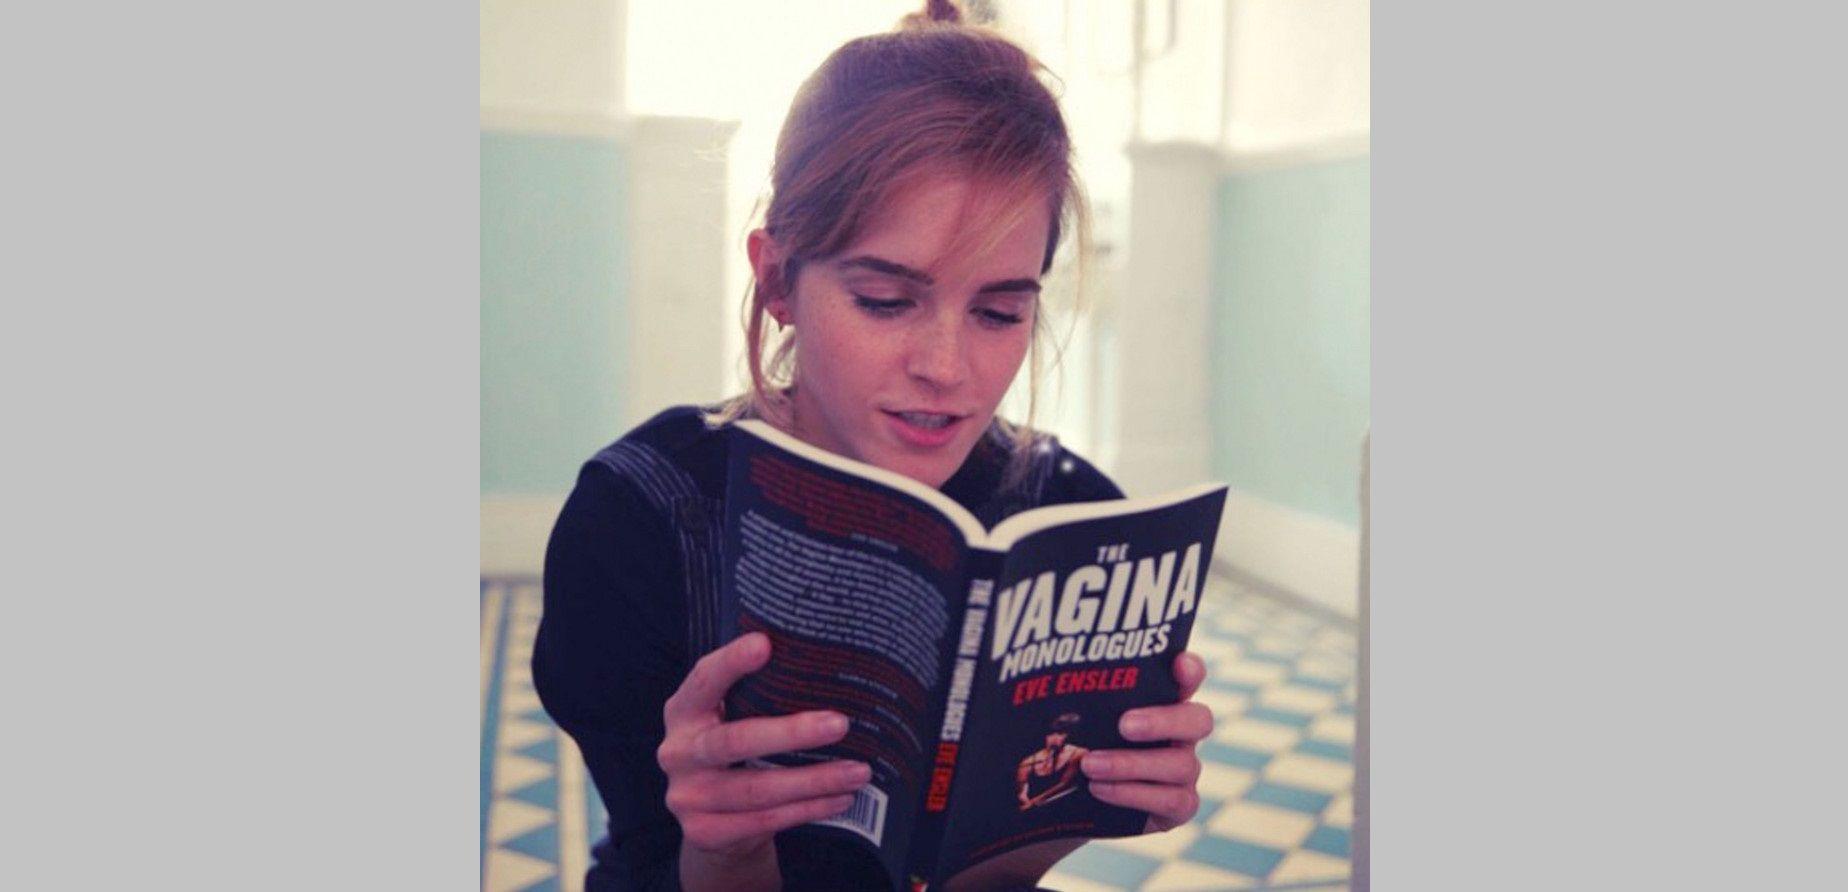 3. Emma Watson The Vagina Monologues